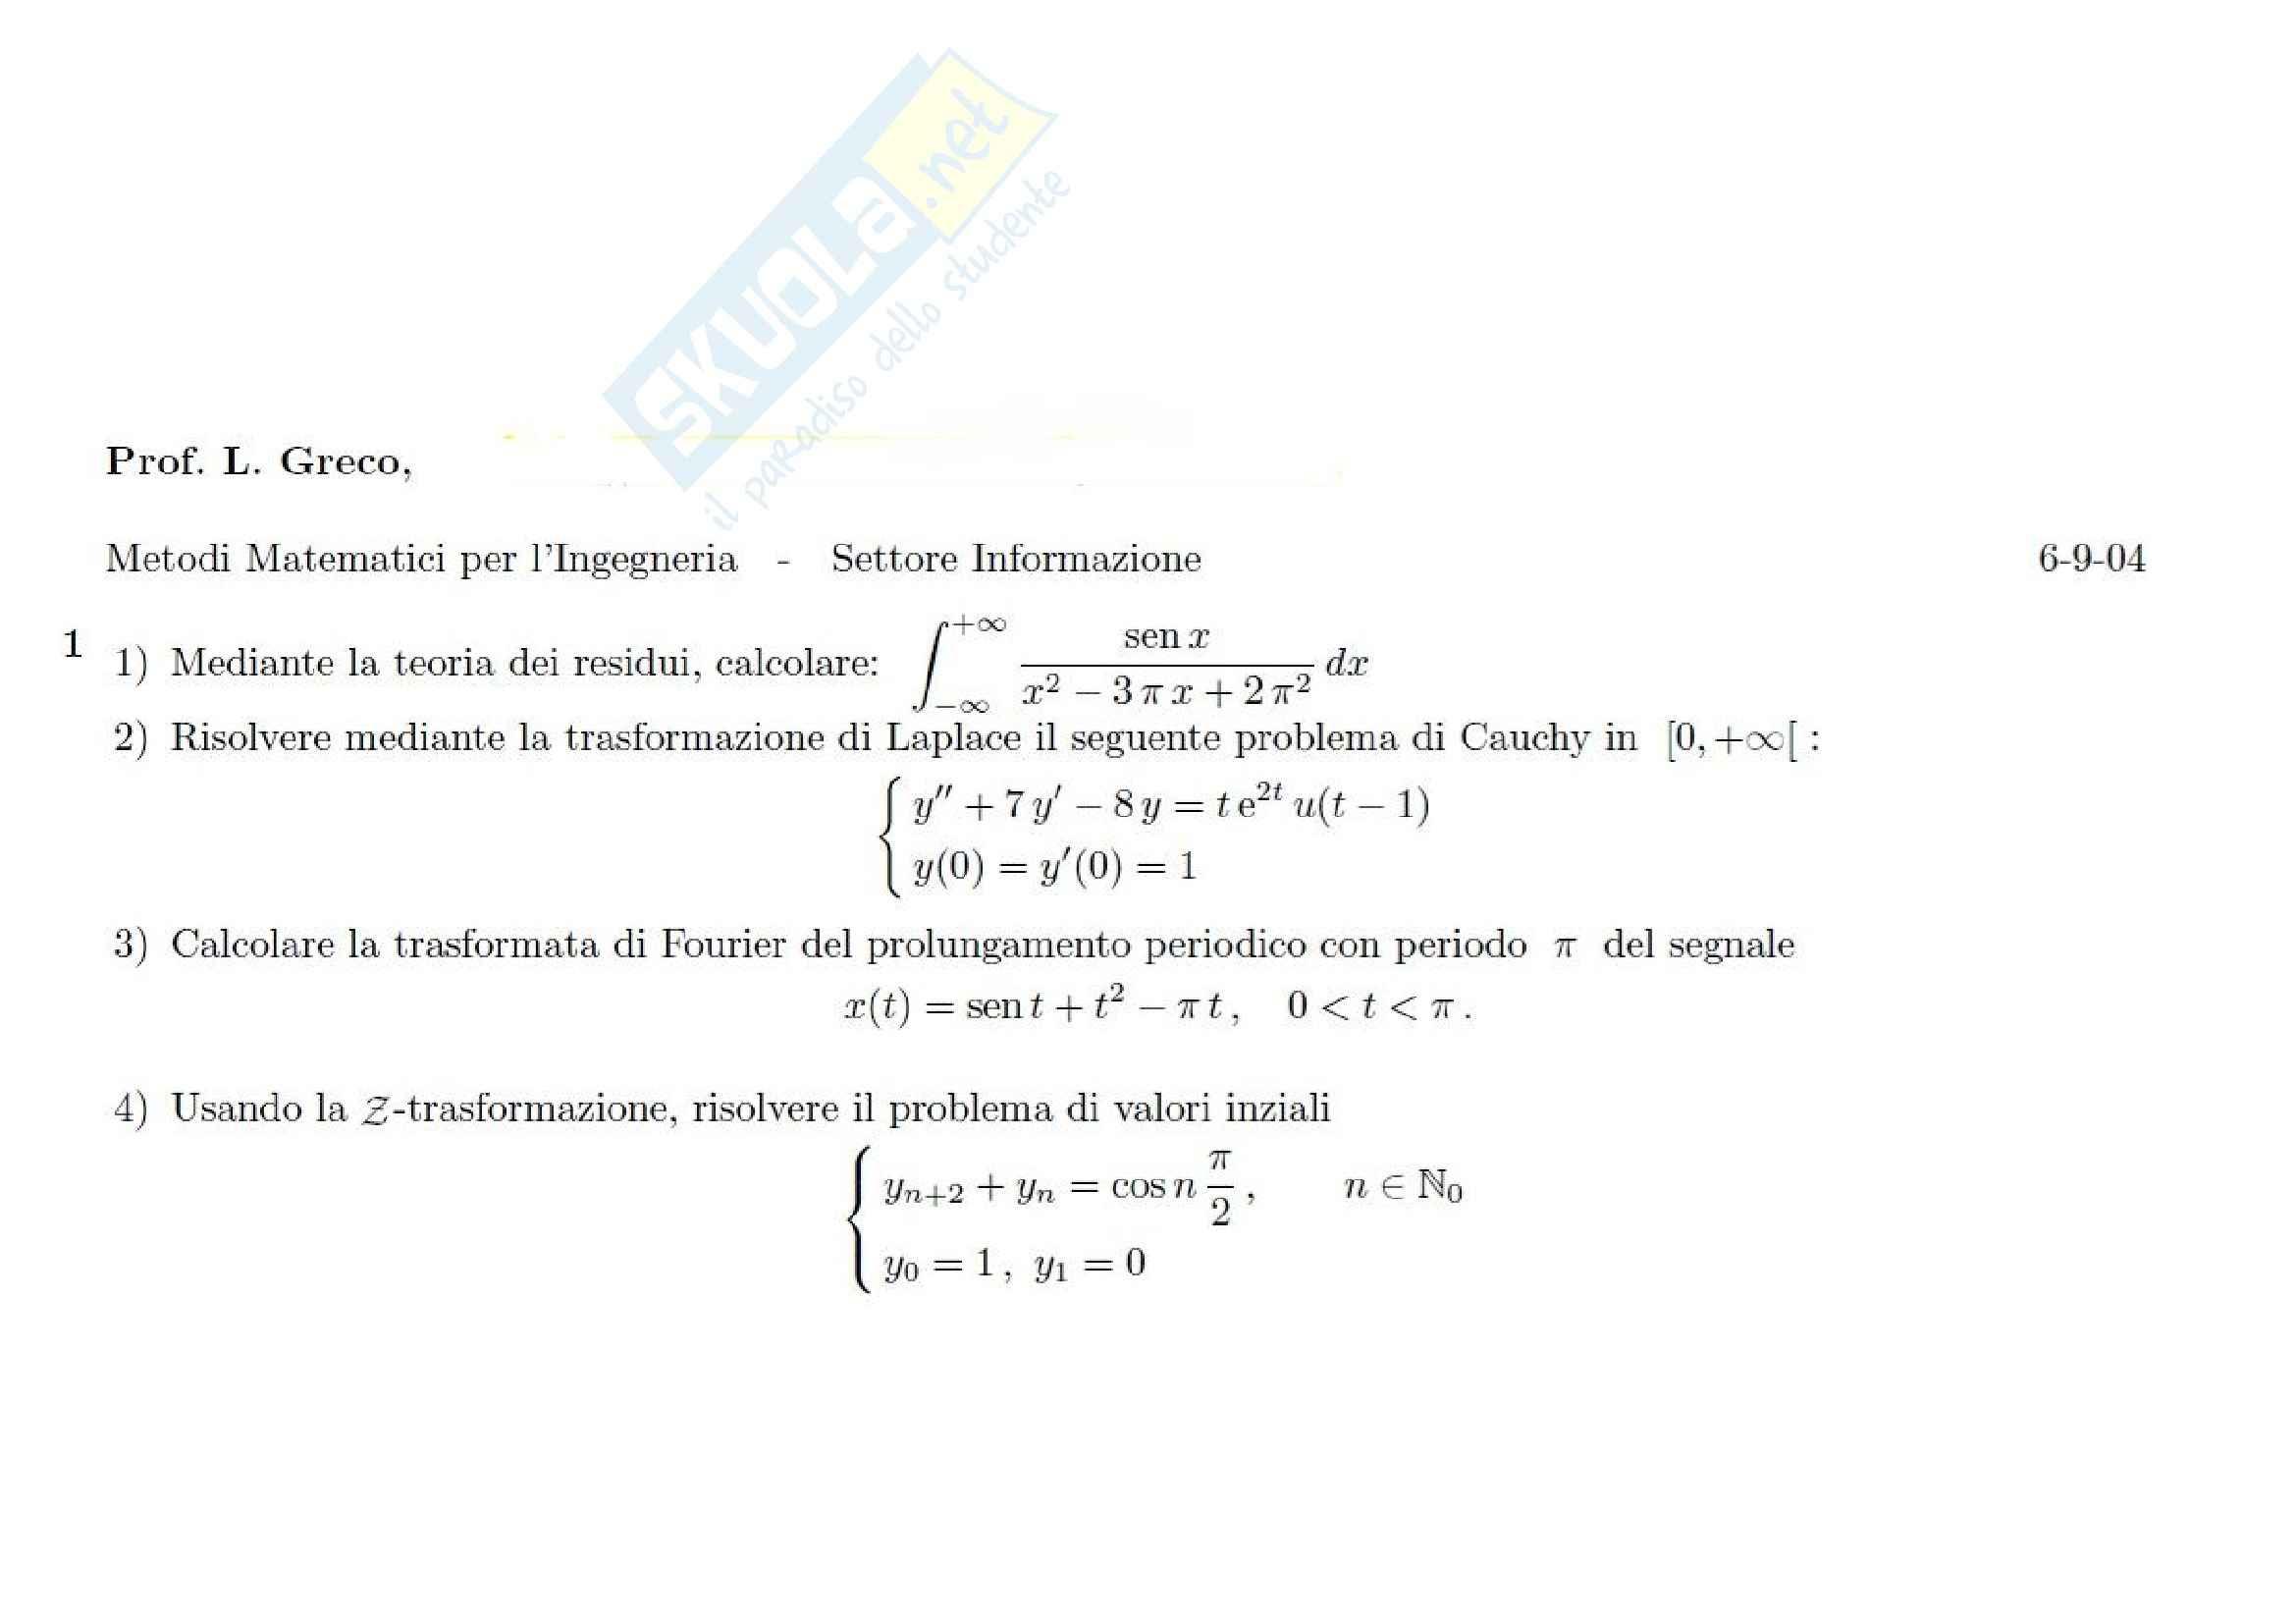 Metodi matematici per l'ingegneria - Esercitazione